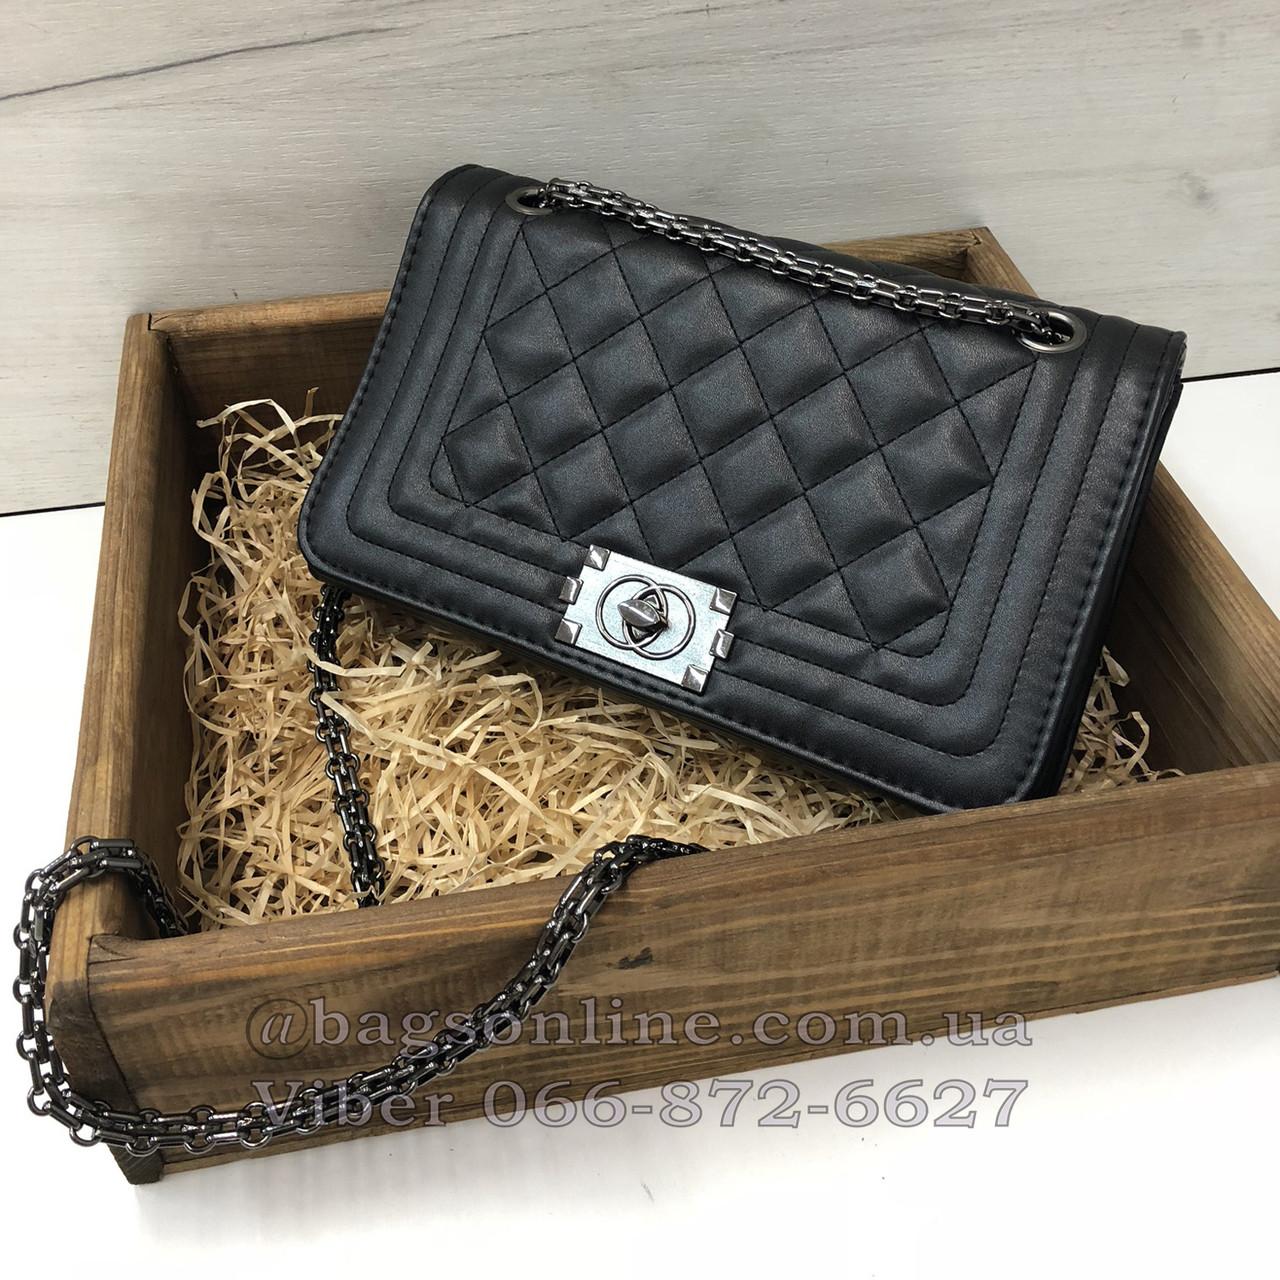 b0018a225317 Женская сумка со стеганной фактурой | реплика шанель бой Черный -  BagsOnline - твоя идеальная сумочка